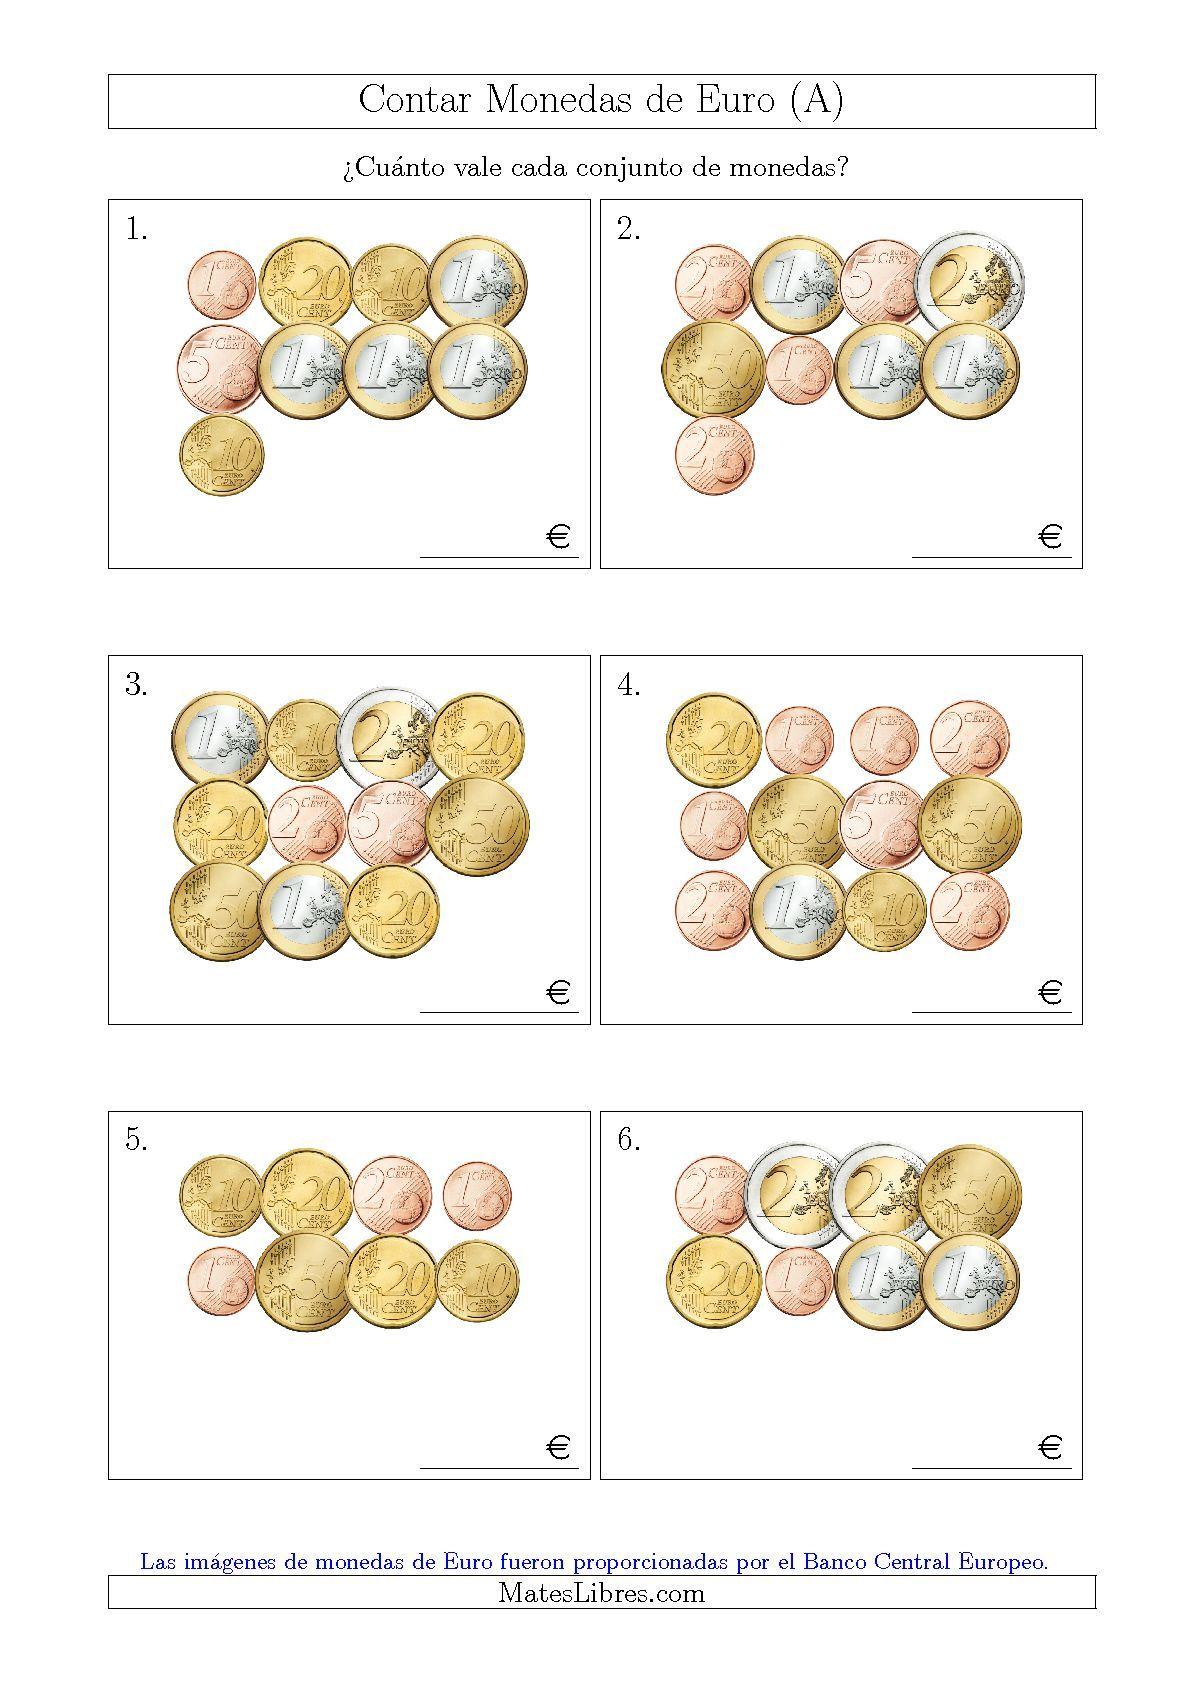 Actualizado El 5 9 Contar Colecciones Grandes De Monedas De Euro A Mateslibres